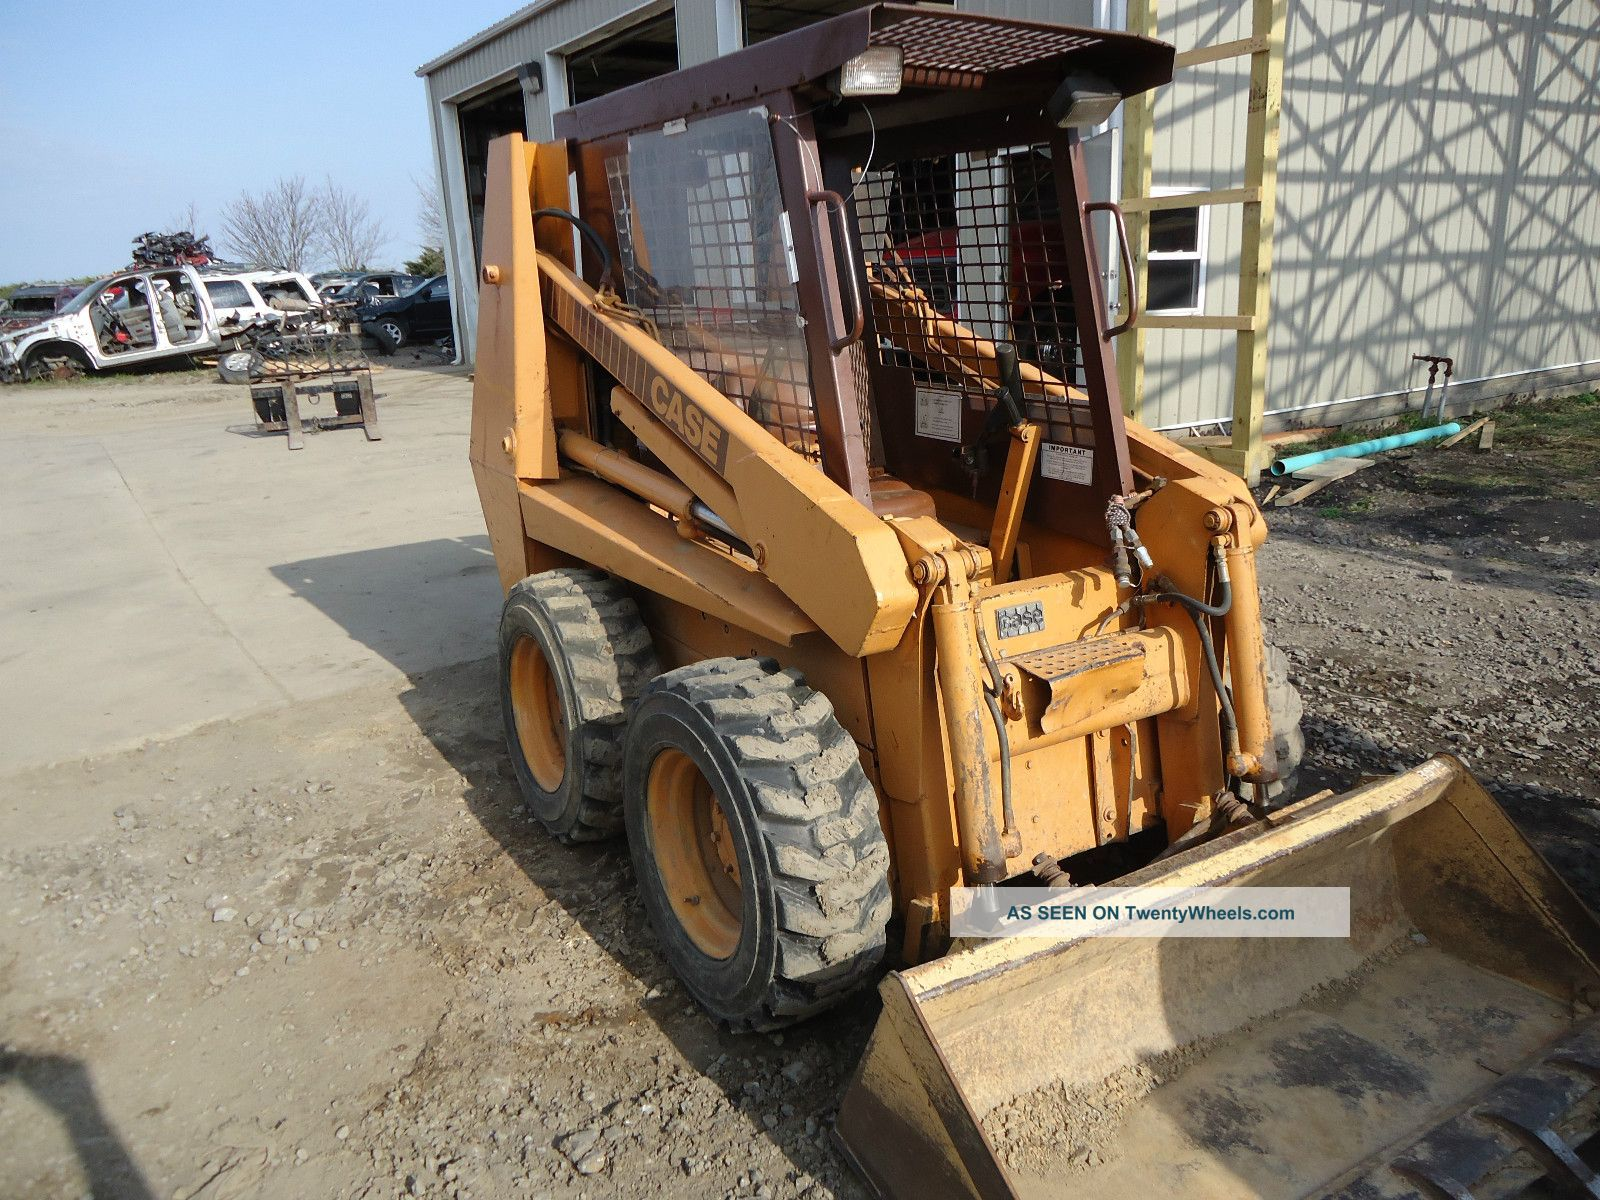 Bobcat Skid Steer Cover : Case c skidsteer bobcat loader skid steer